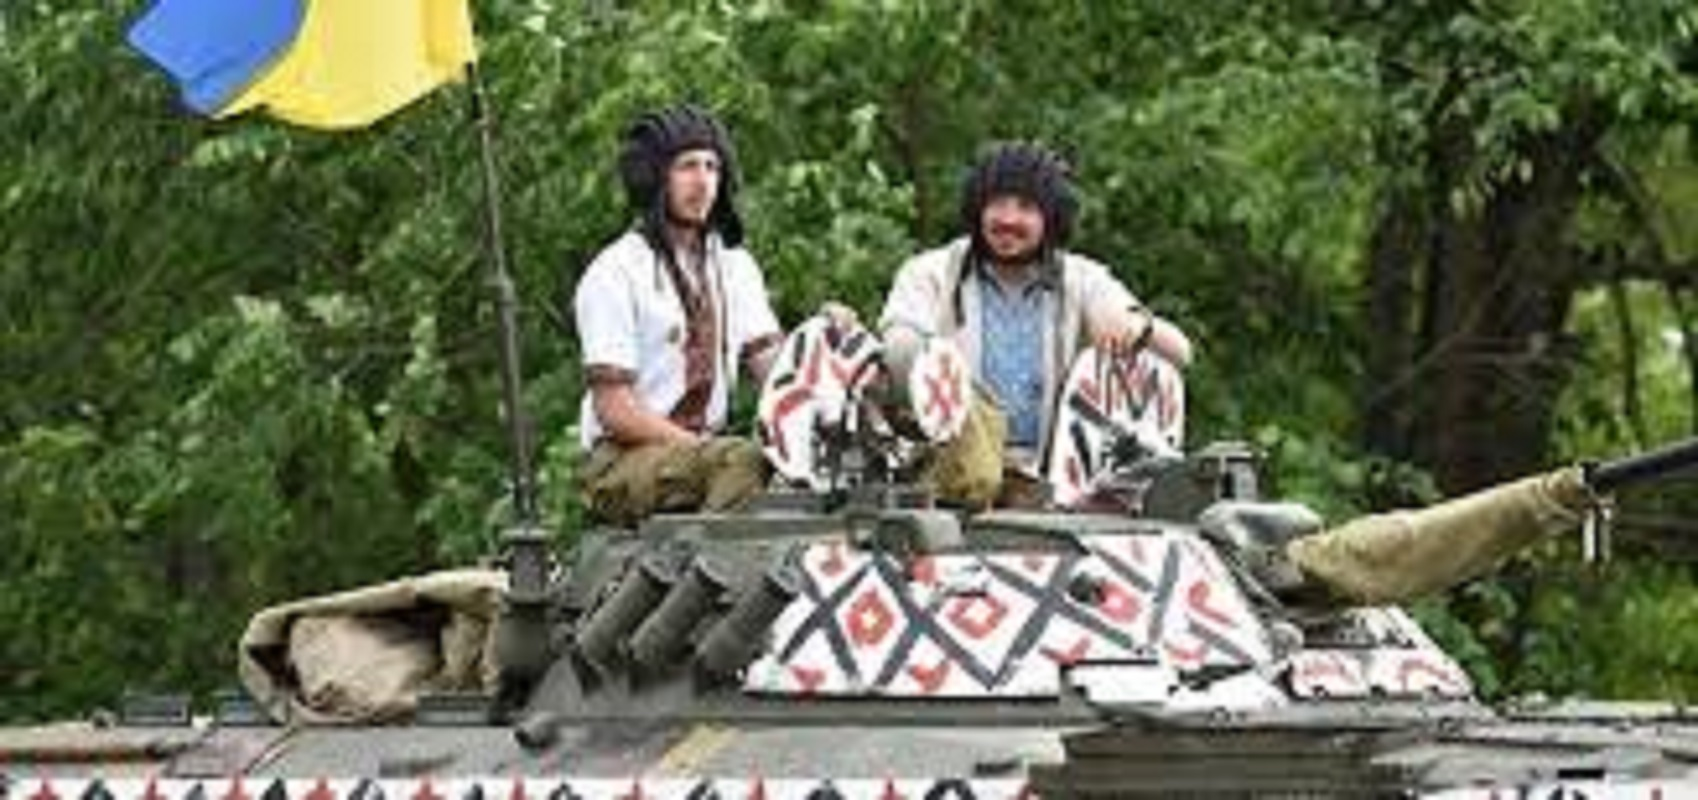 День вышиванки 2020: появилось яркое фото бойцов на Донбассе